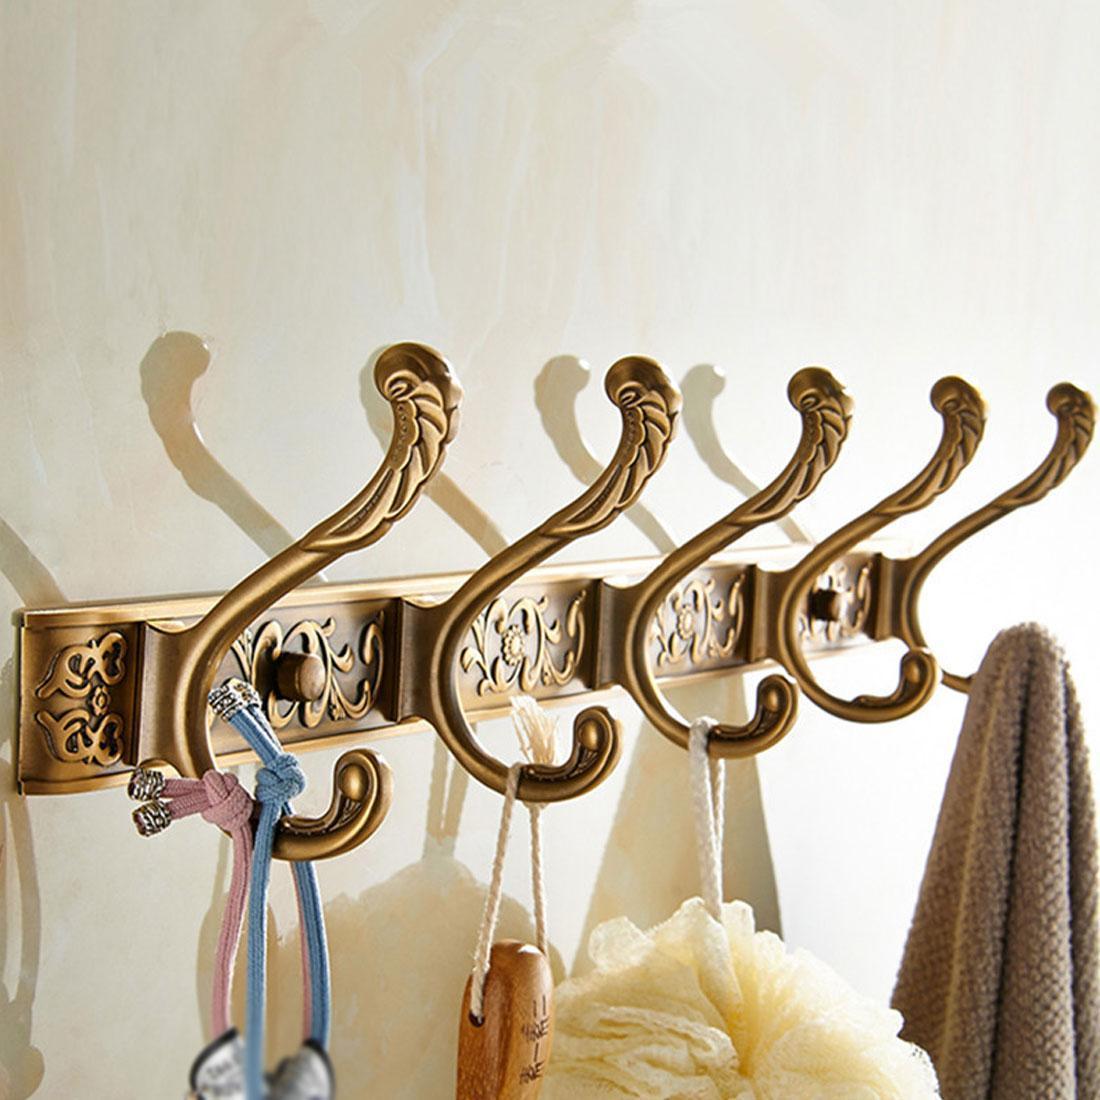 Купить роскошная настенная вешалка для ванной 5 ряд крючков крючок